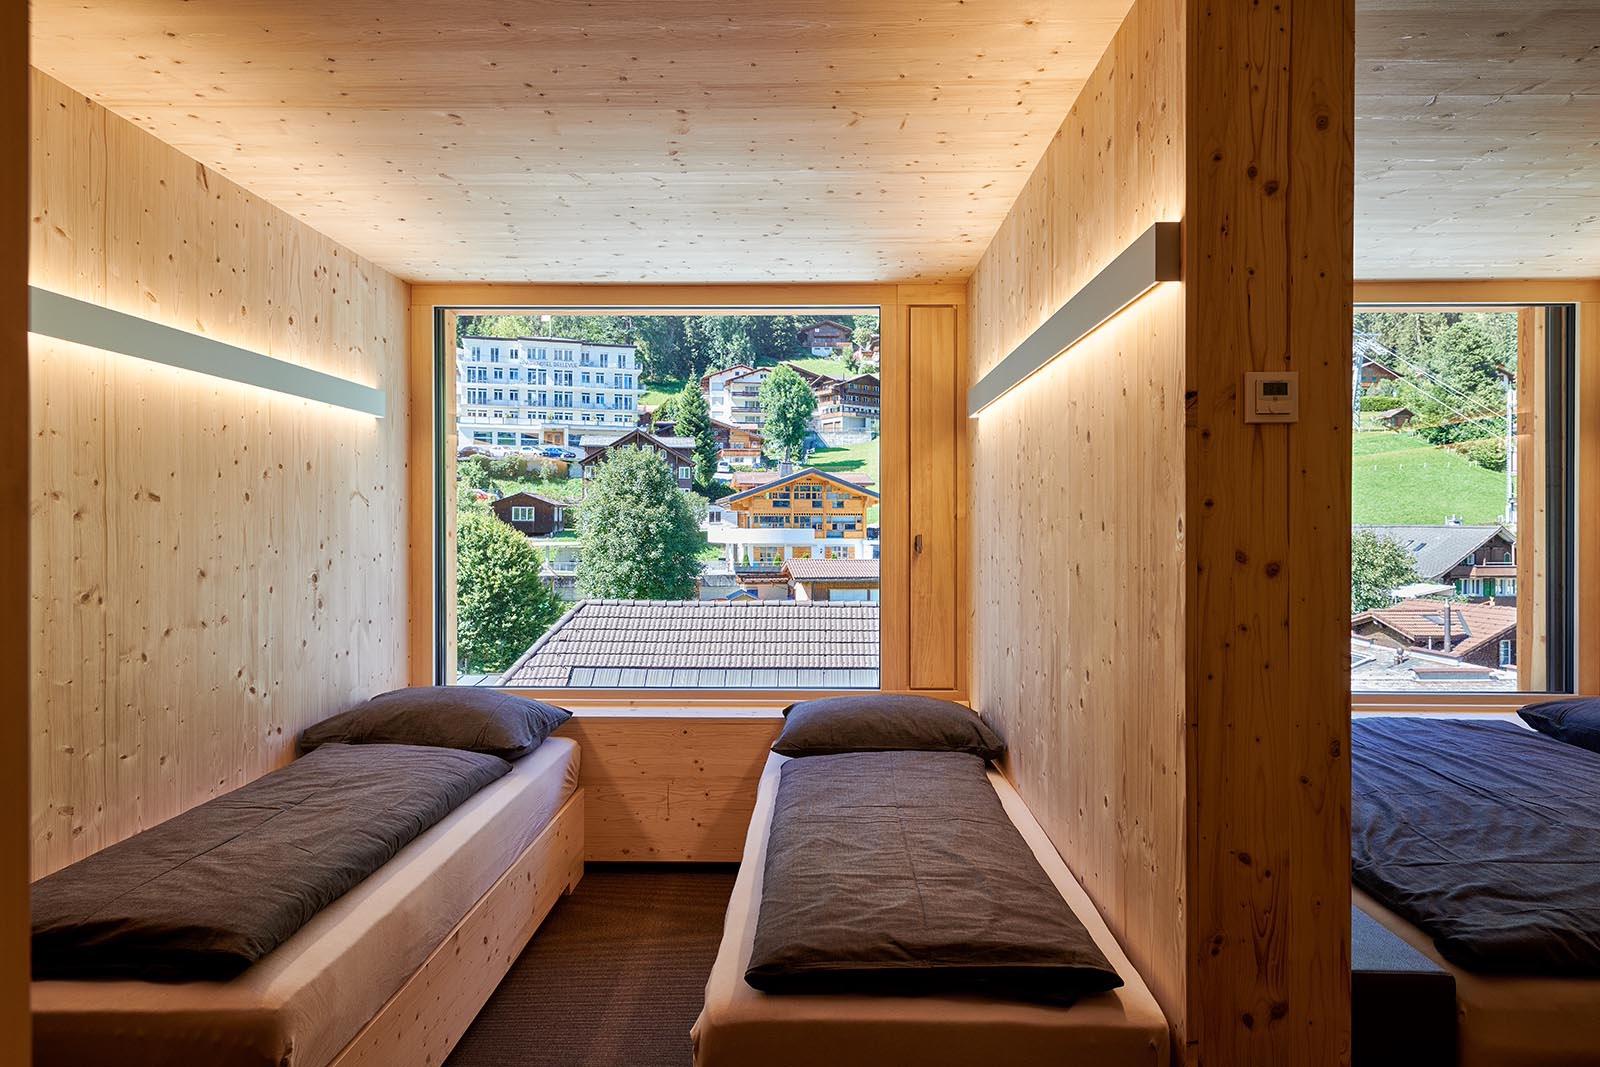 Hotel_Revier_Adelboden_07.jpg